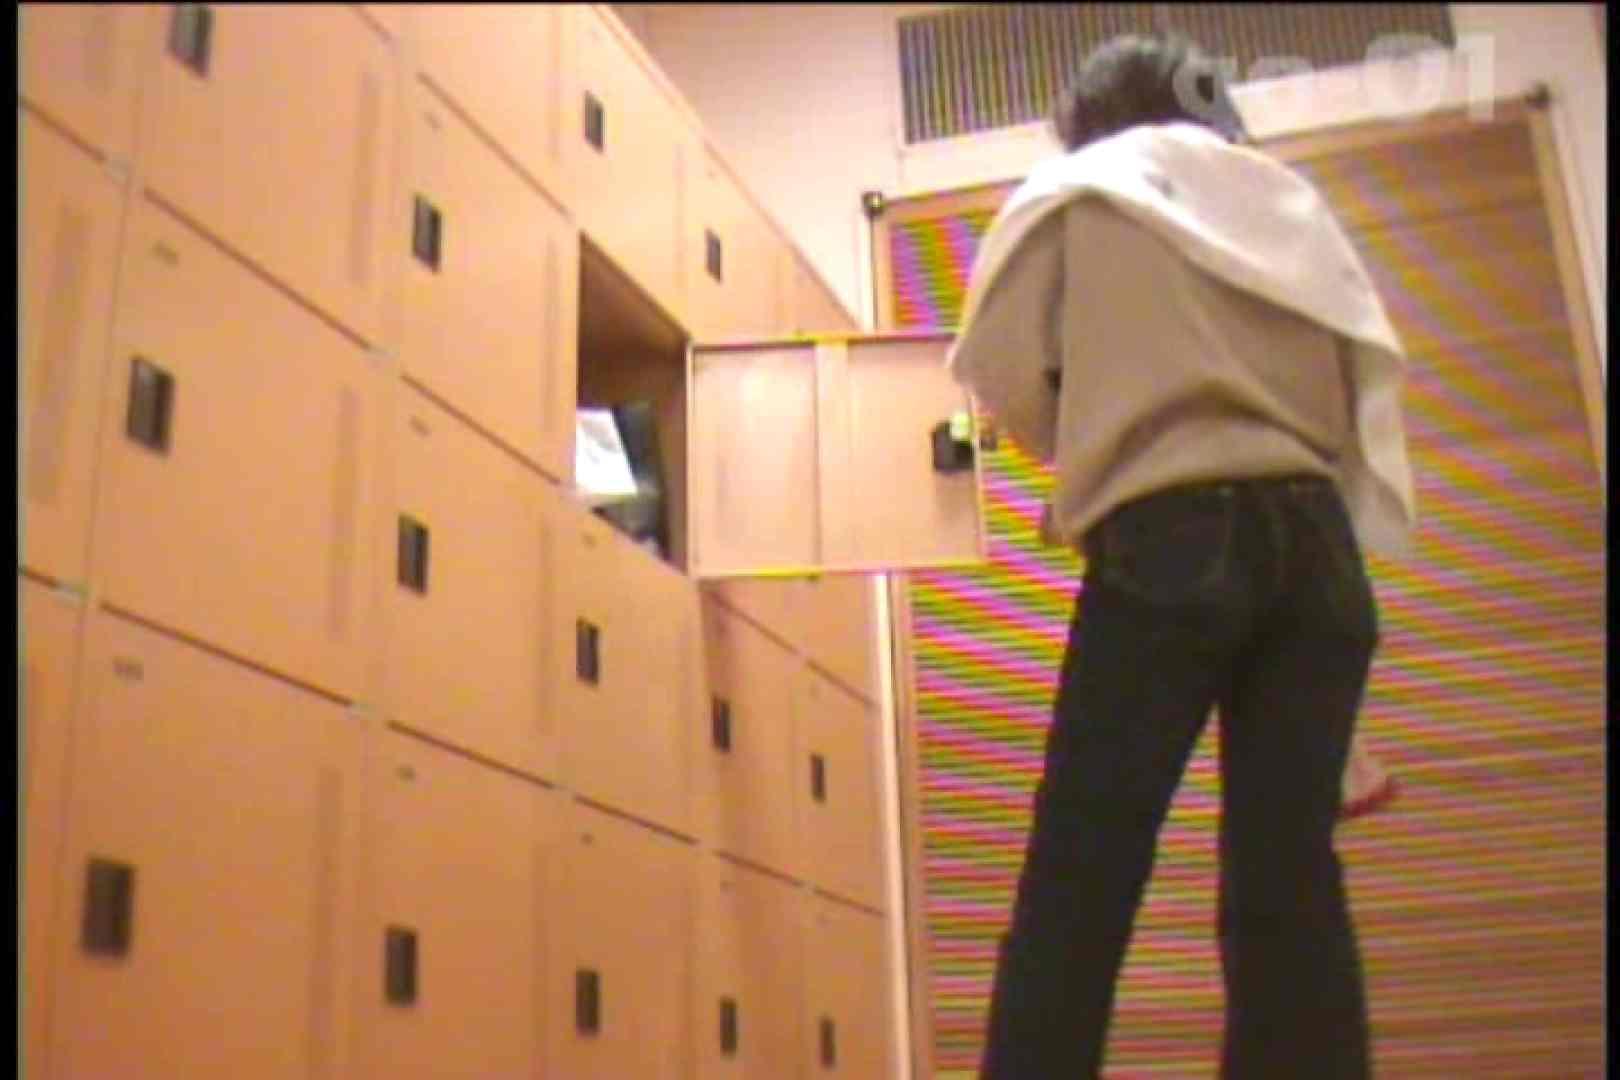 電波カメラ設置浴場からの防HAN映像 Vol.01 ギャルズ エロ画像 19画像 2